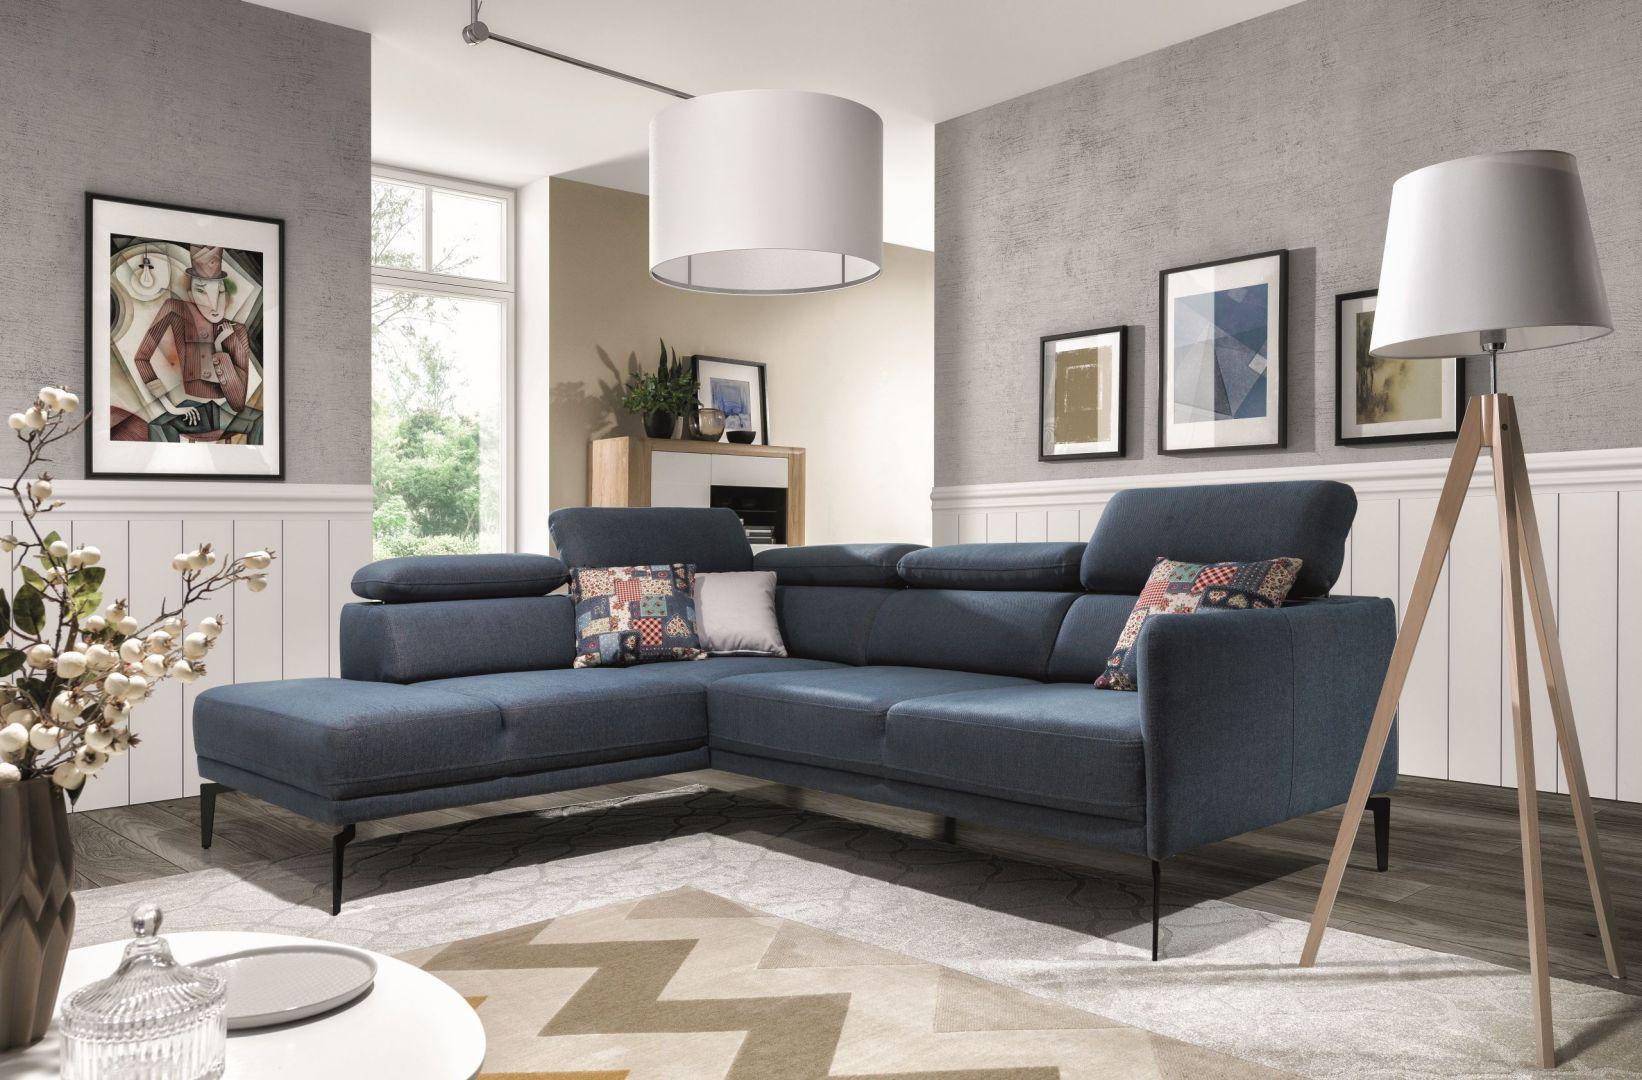 Narożna sofa Sidolo ma elegancką formę, opartą na wysokich nóżkach, wygodne oparcia i regulowane zagłówki. Fot. Stagra